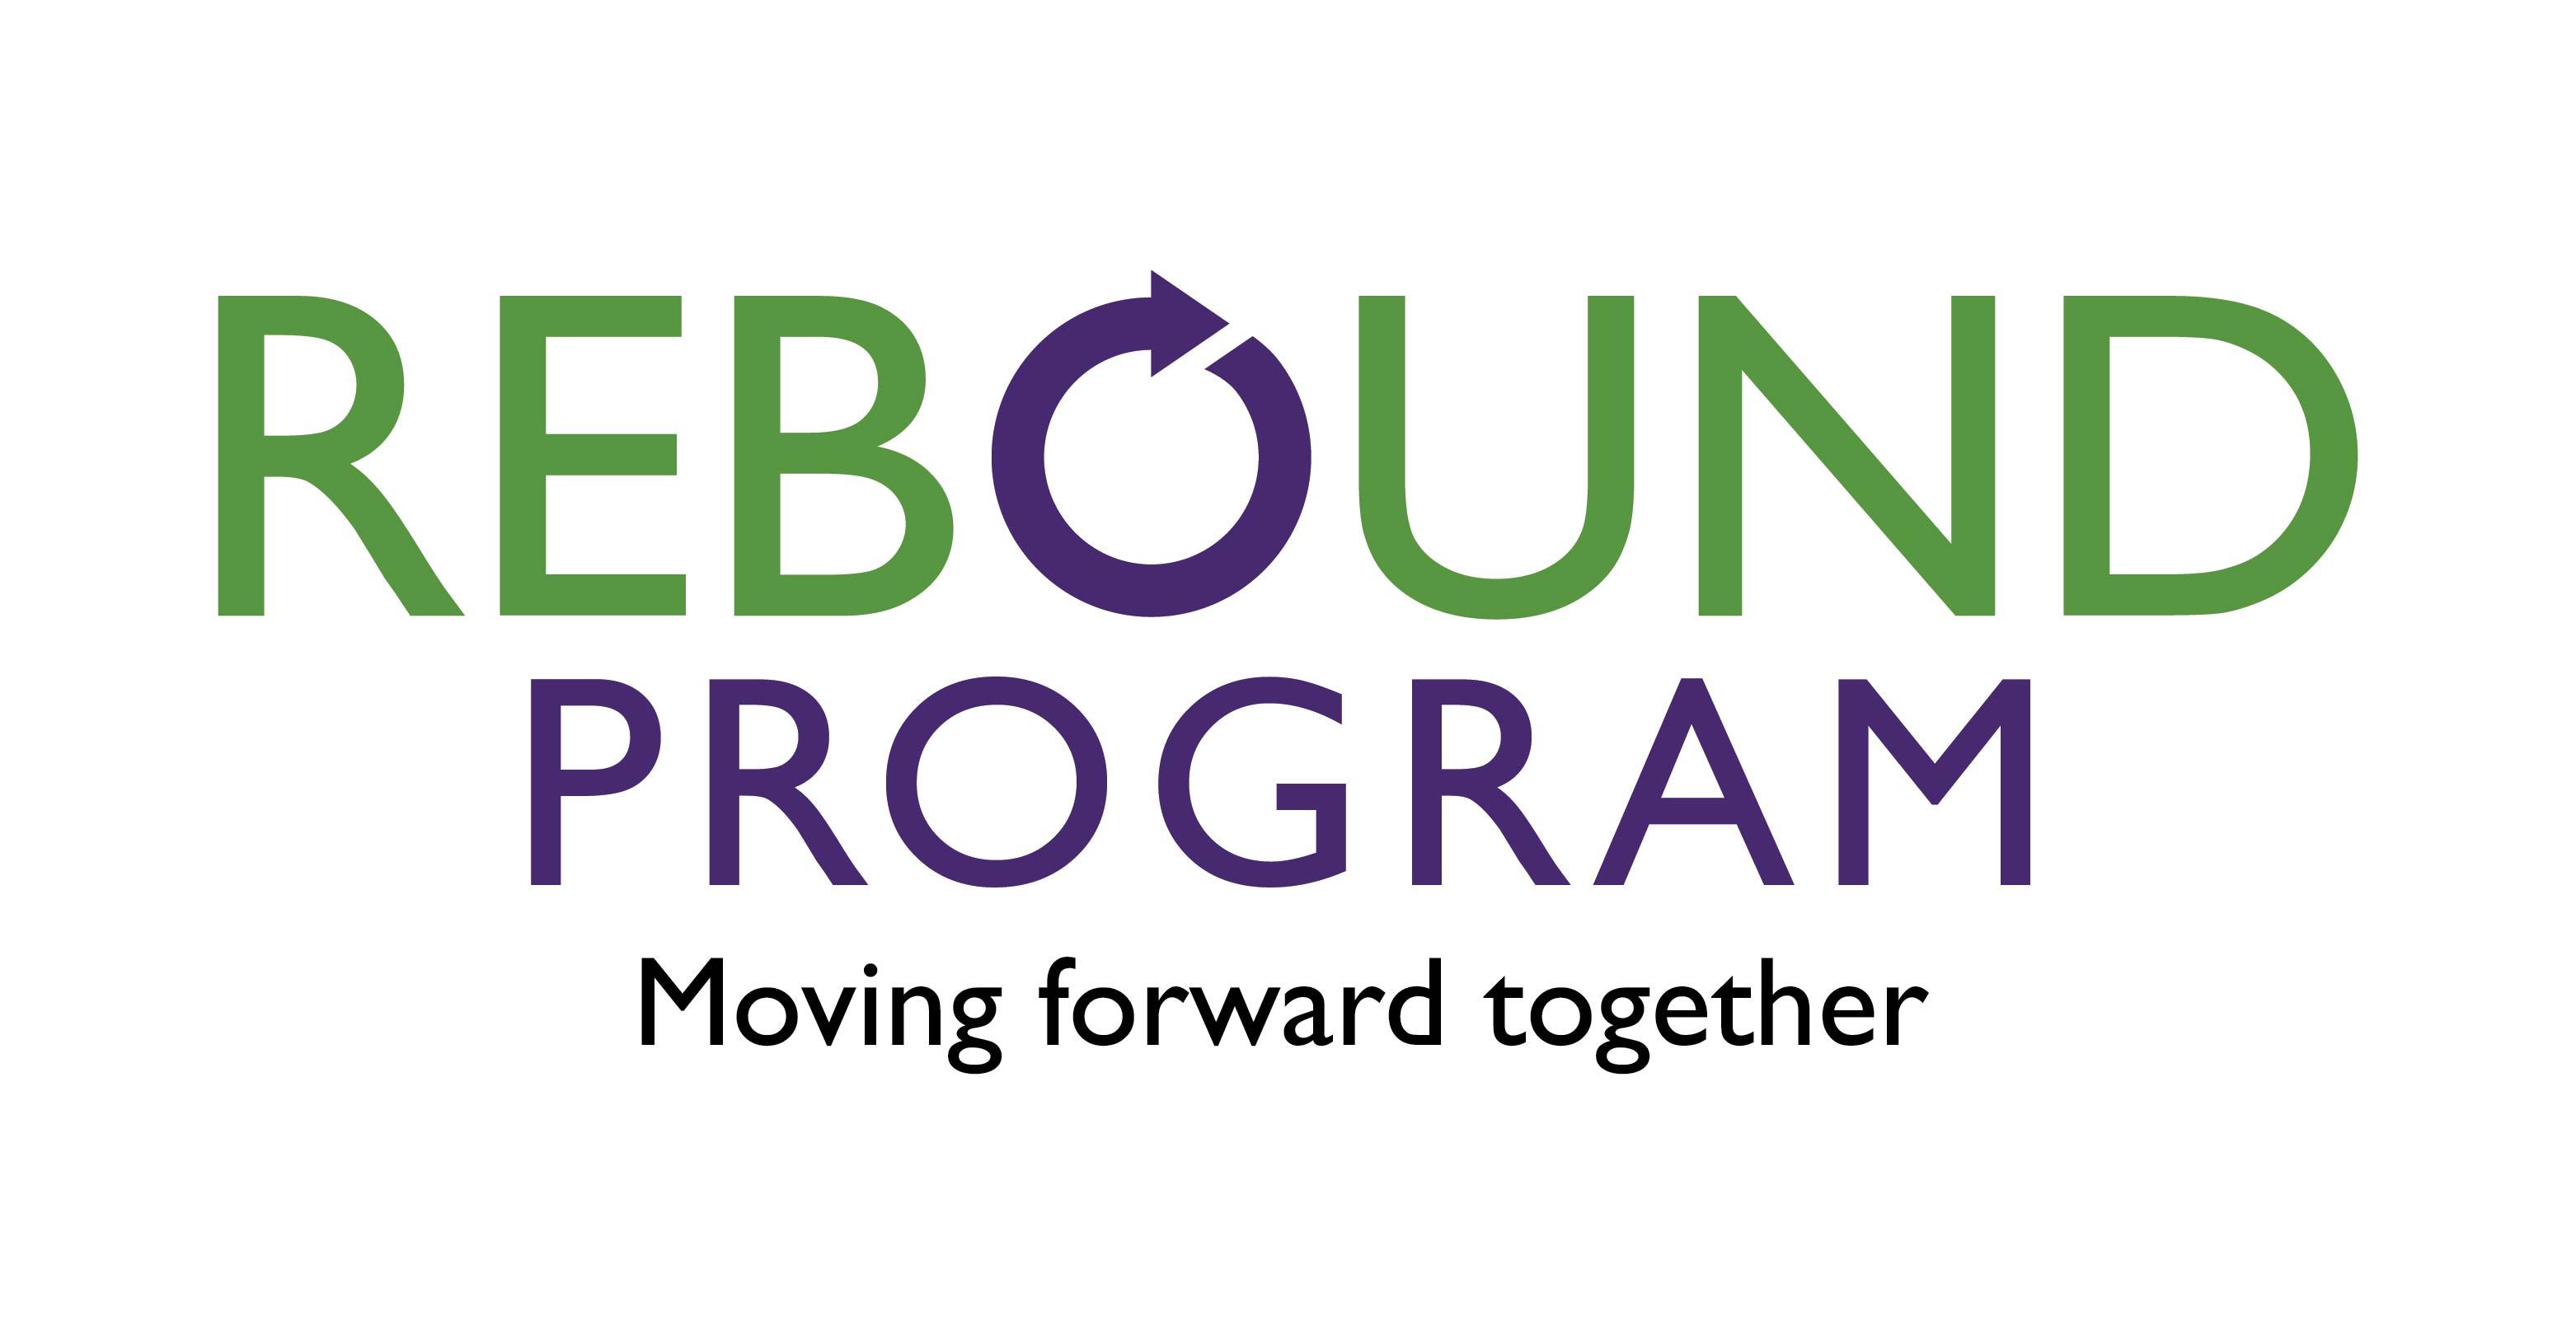 Rebound Program: Moving forward together